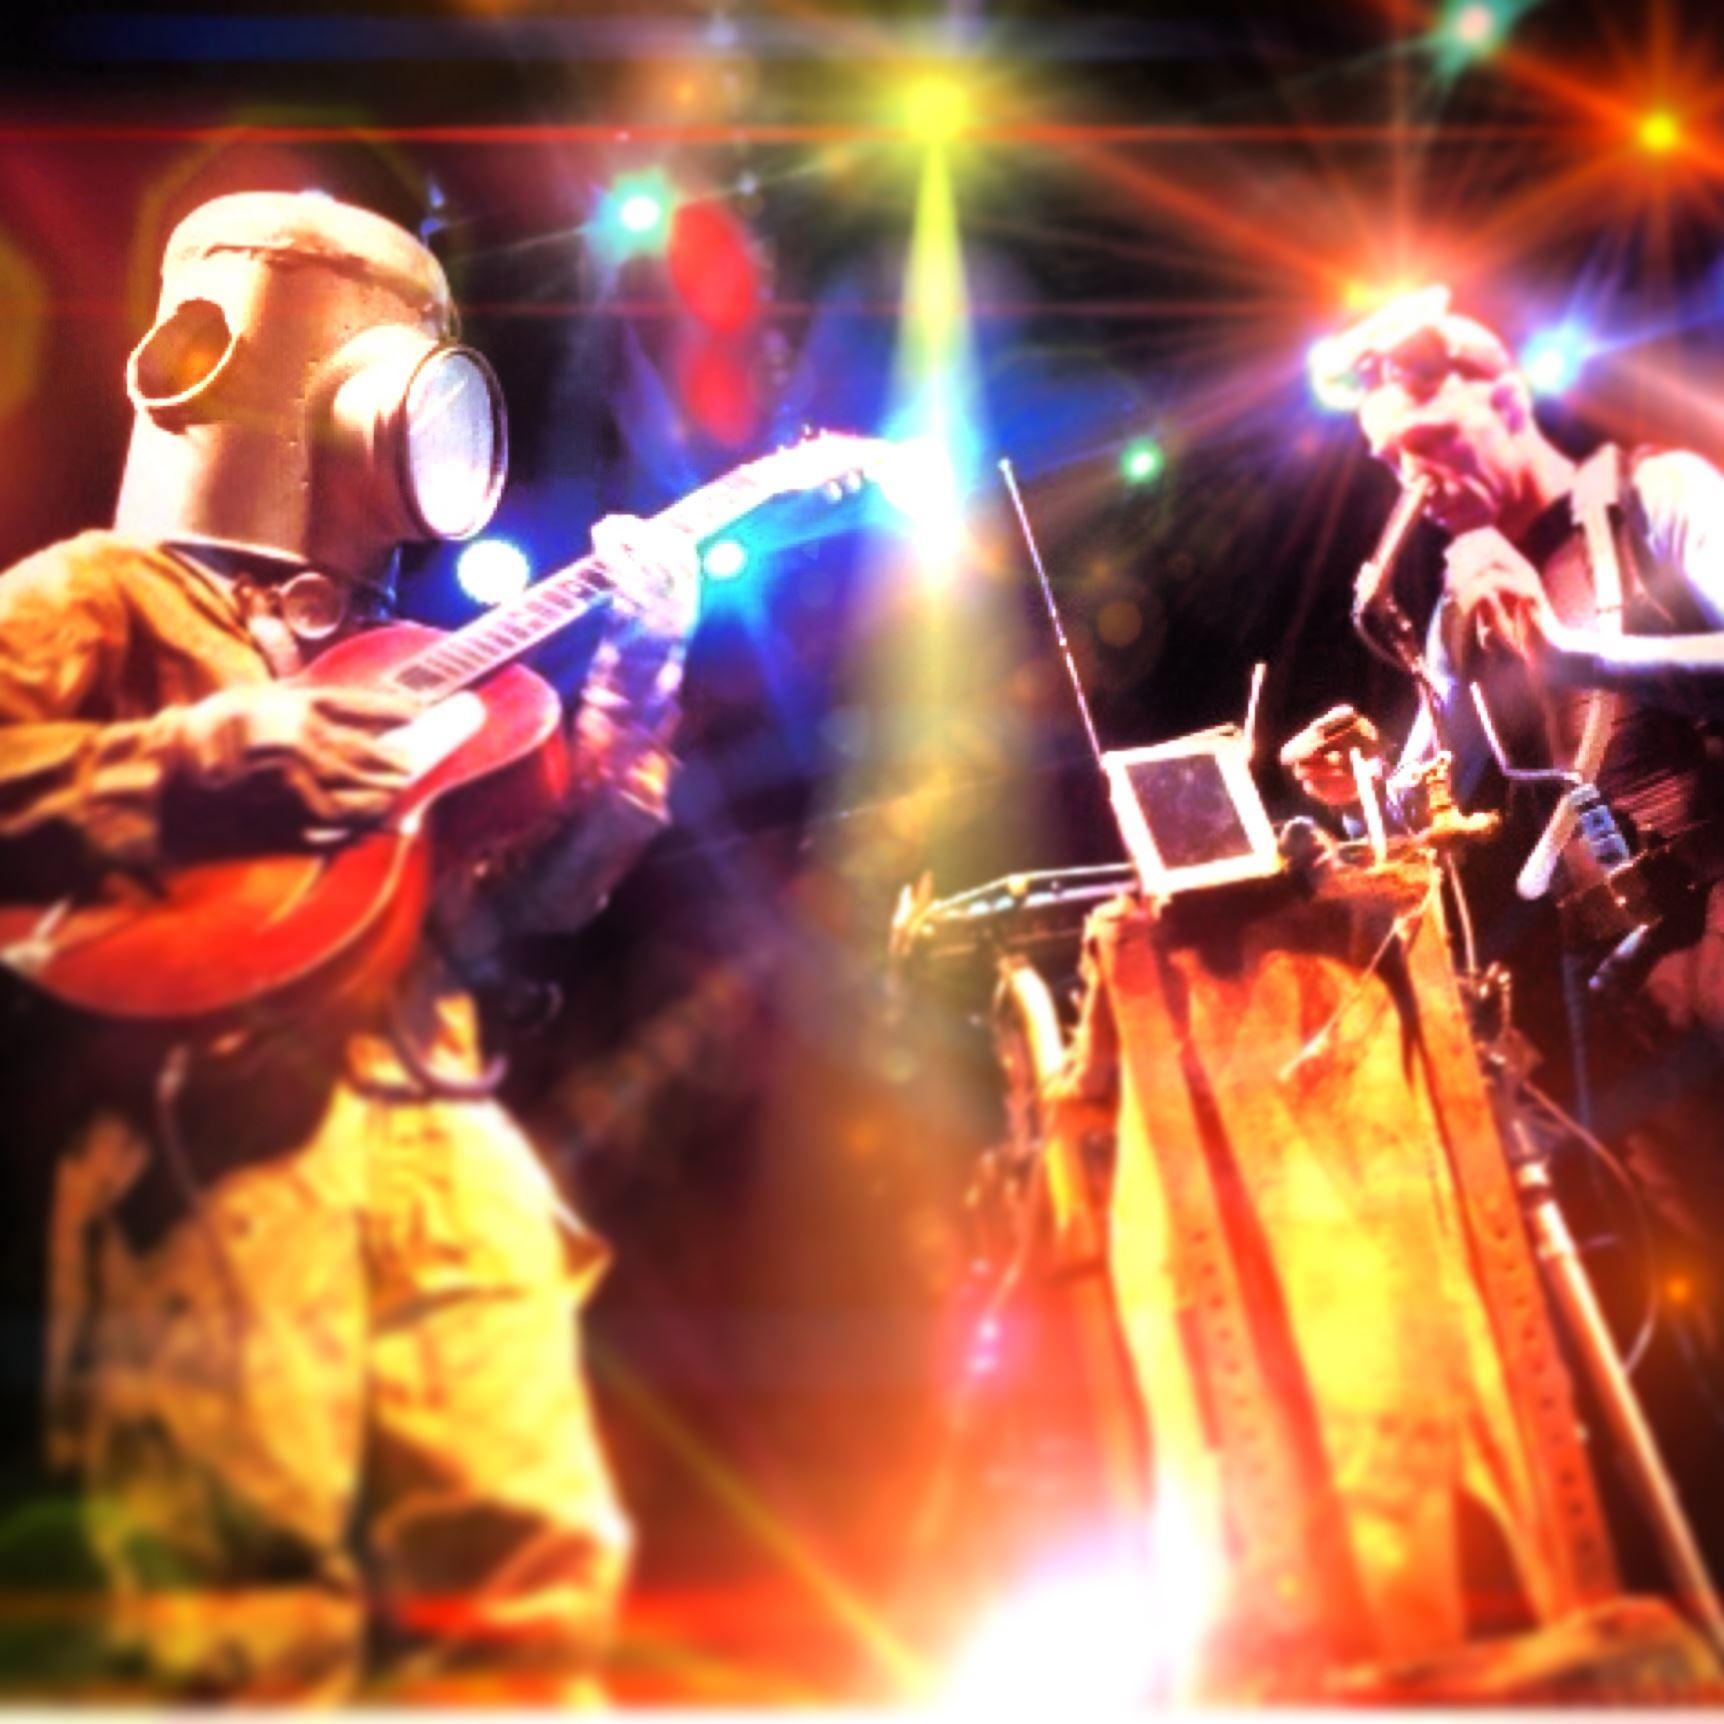 Musik: Vattenmannen och Speed: Den stora skräpshowen